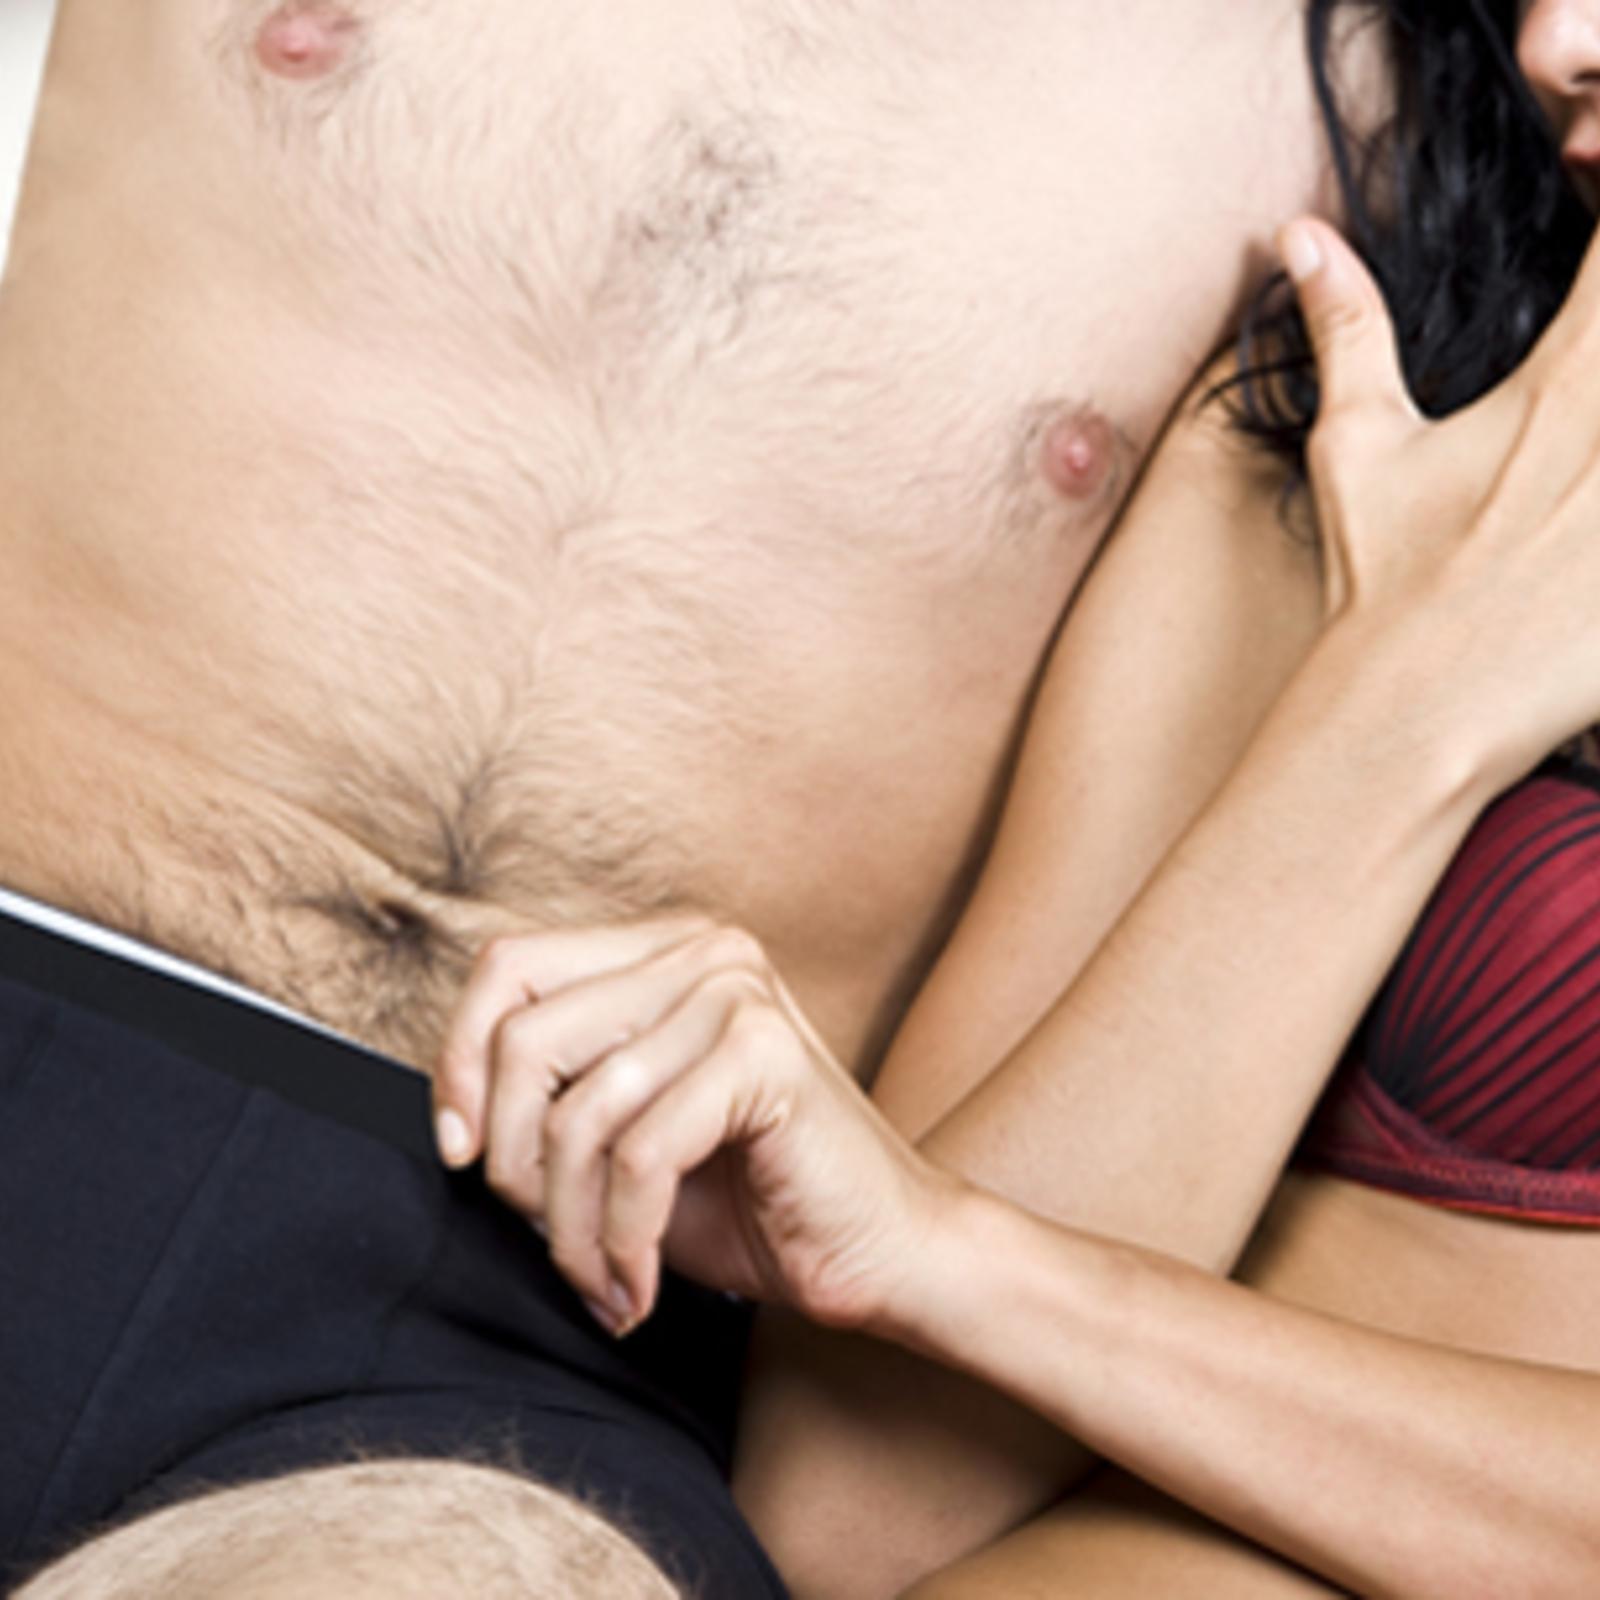 Bilder beschnittene vagina Mädchenbeschneidung in